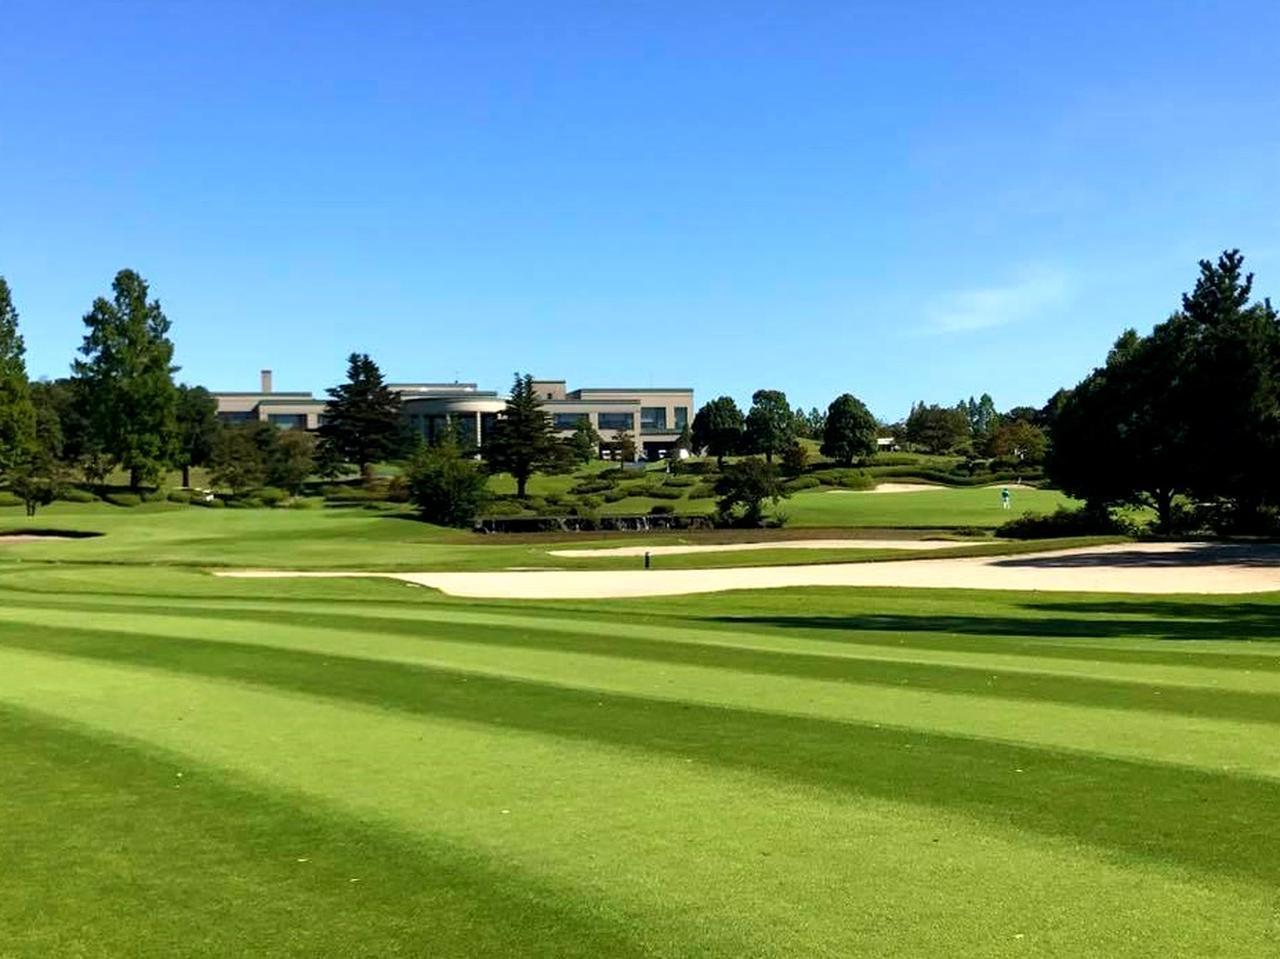 画像: 【会員権相場はウソつかない】再生に成功した「会員による会員のためのゴルフ場」はもう安心? 浜野、清川、唐沢、石坂、木更津、南総… - ゴルフへ行こうWEB by ゴルフダイジェスト